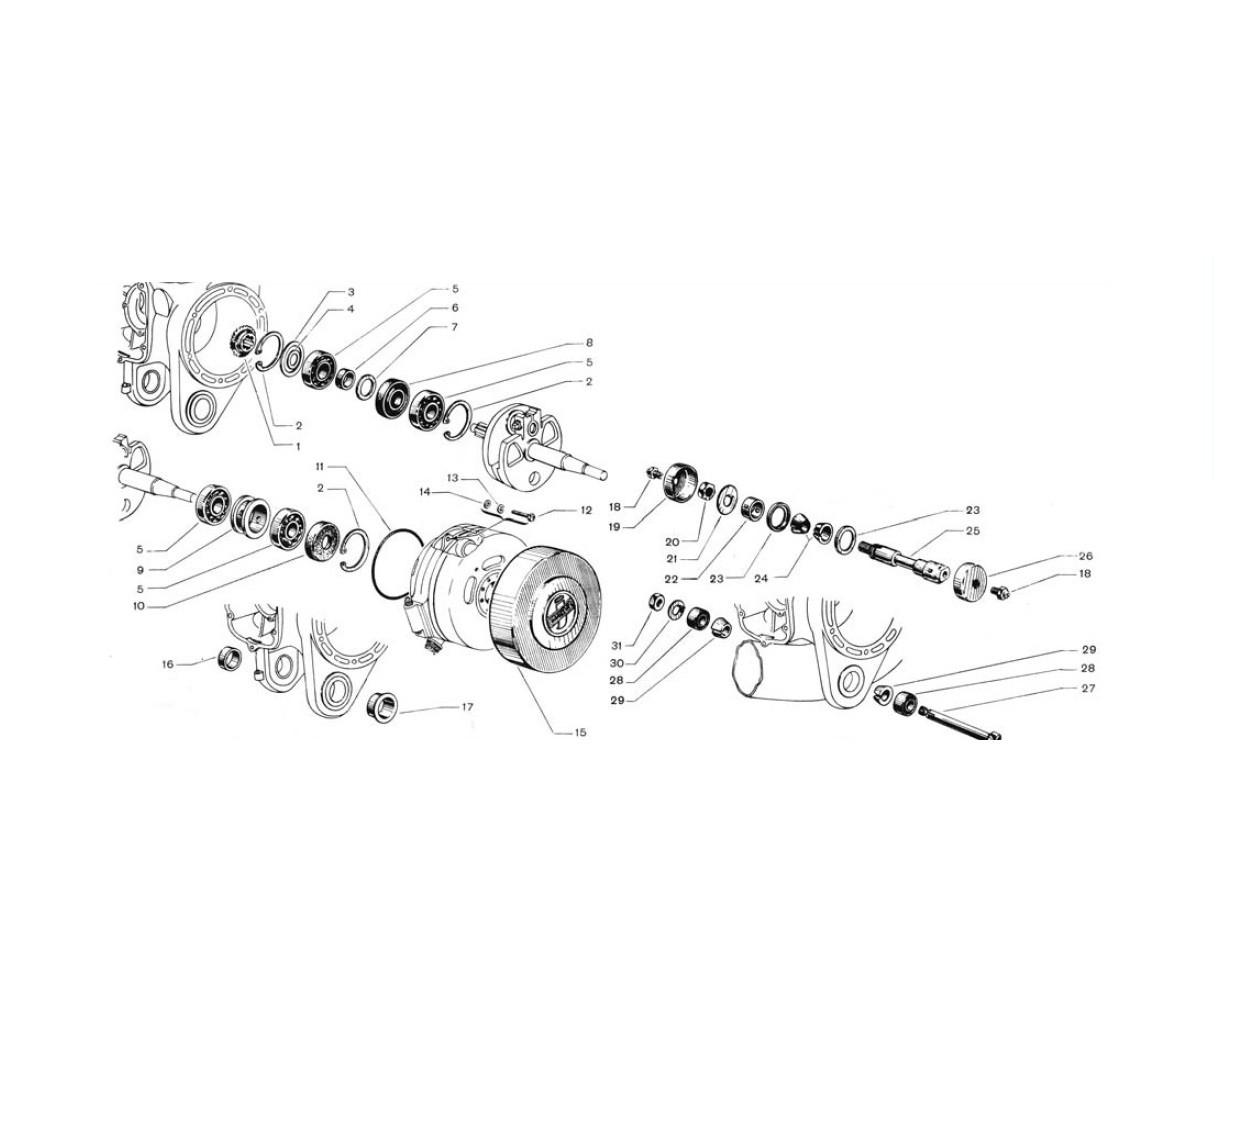 Supporto motore, cuscinetti e paraoli albero motore,coperchio volano (Tav.2)